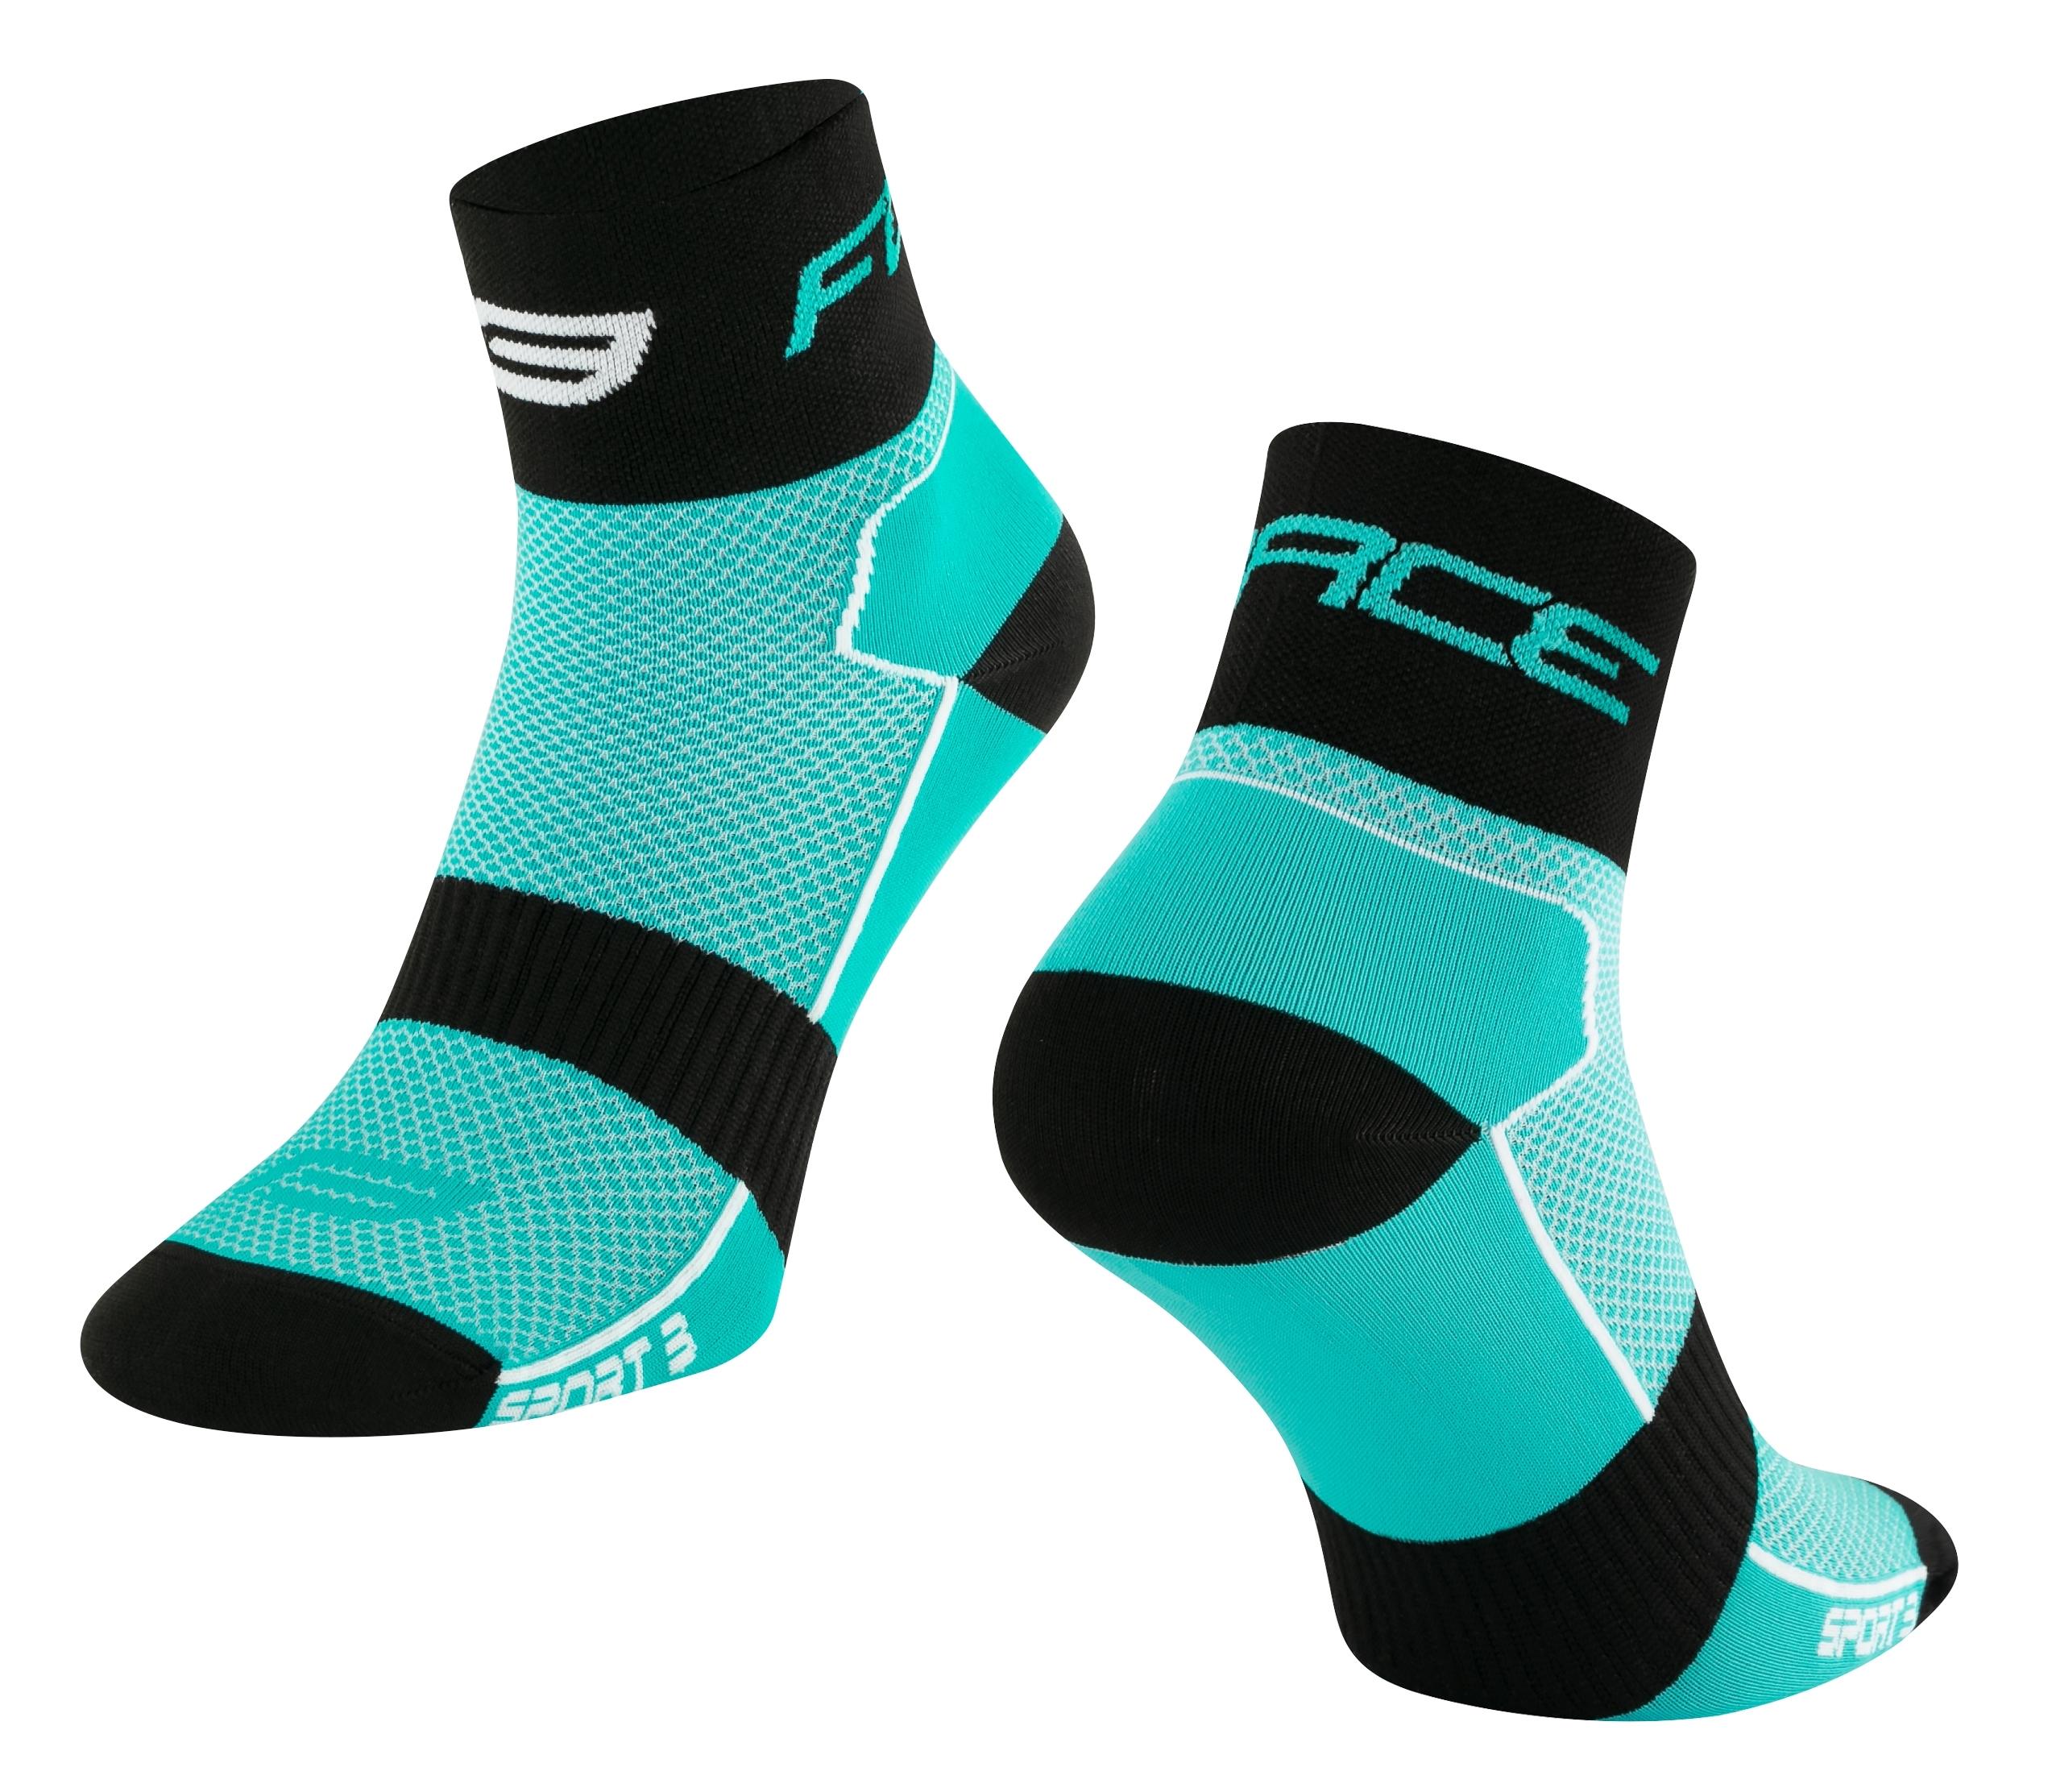 ponožky FORCE SPORT 3, tyrkysovo-černé L-XL/42-46